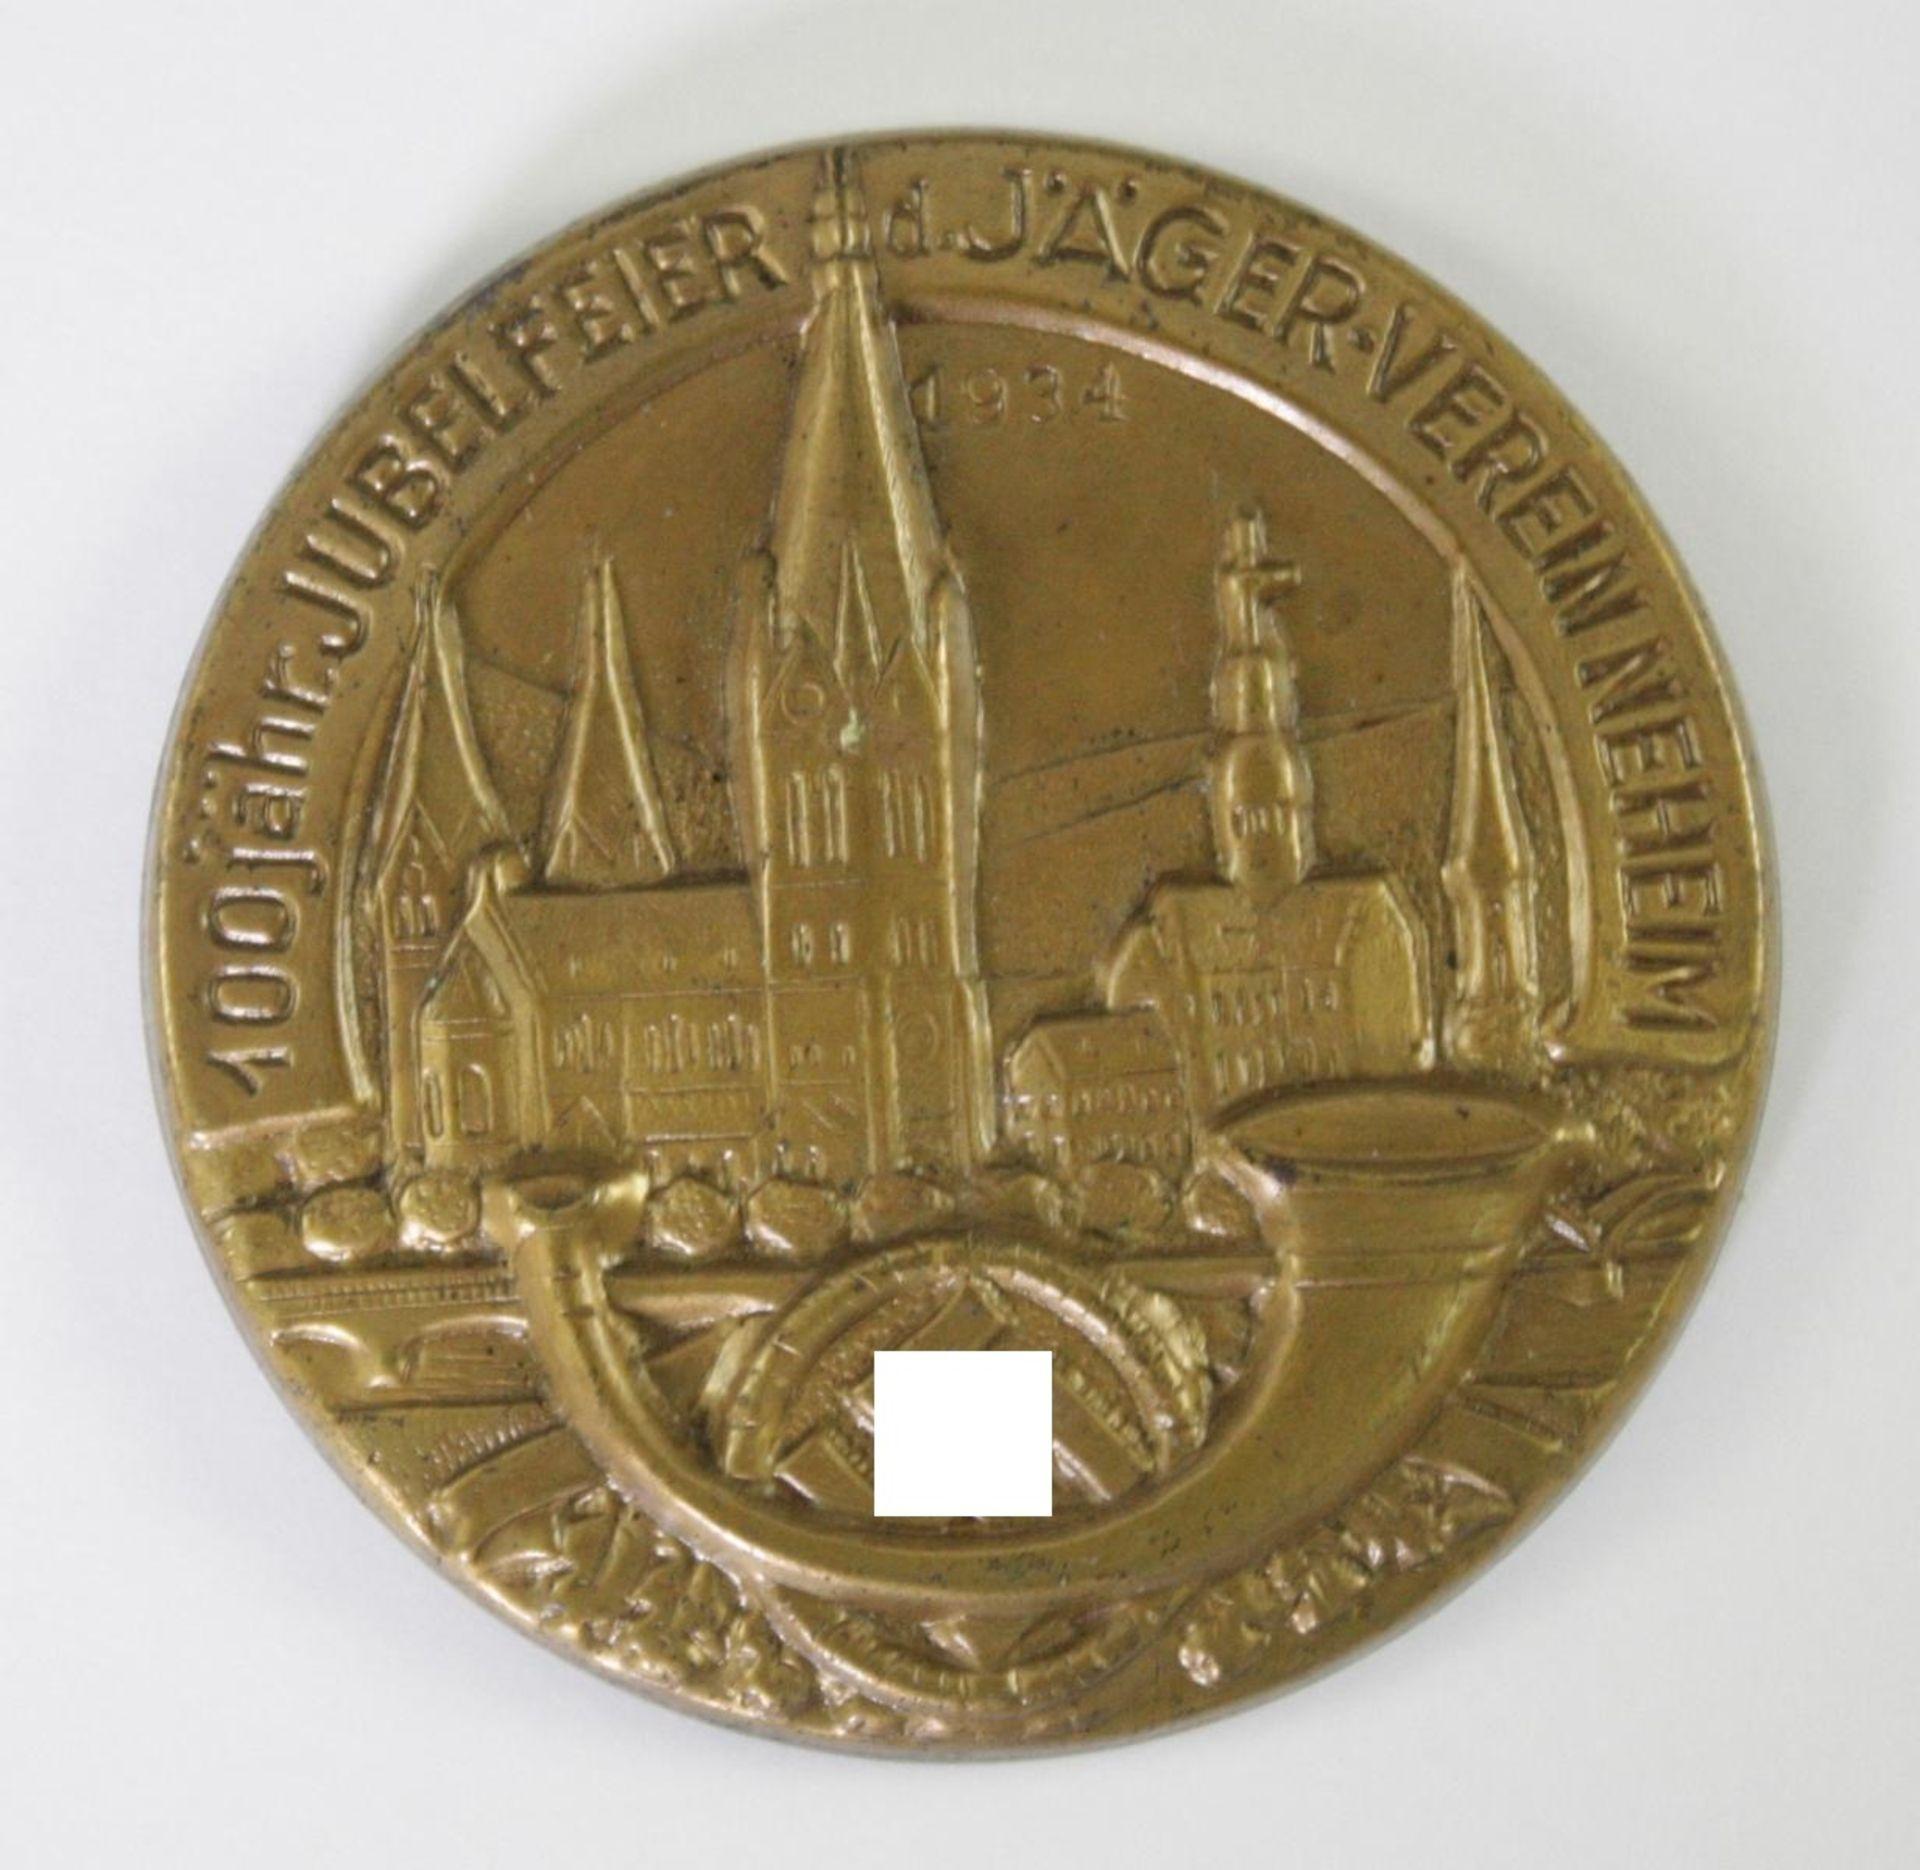 Veranstaltungsabzeichen, 100 jährige Jubelfeier des Jäger-Vereins Neheim 1934